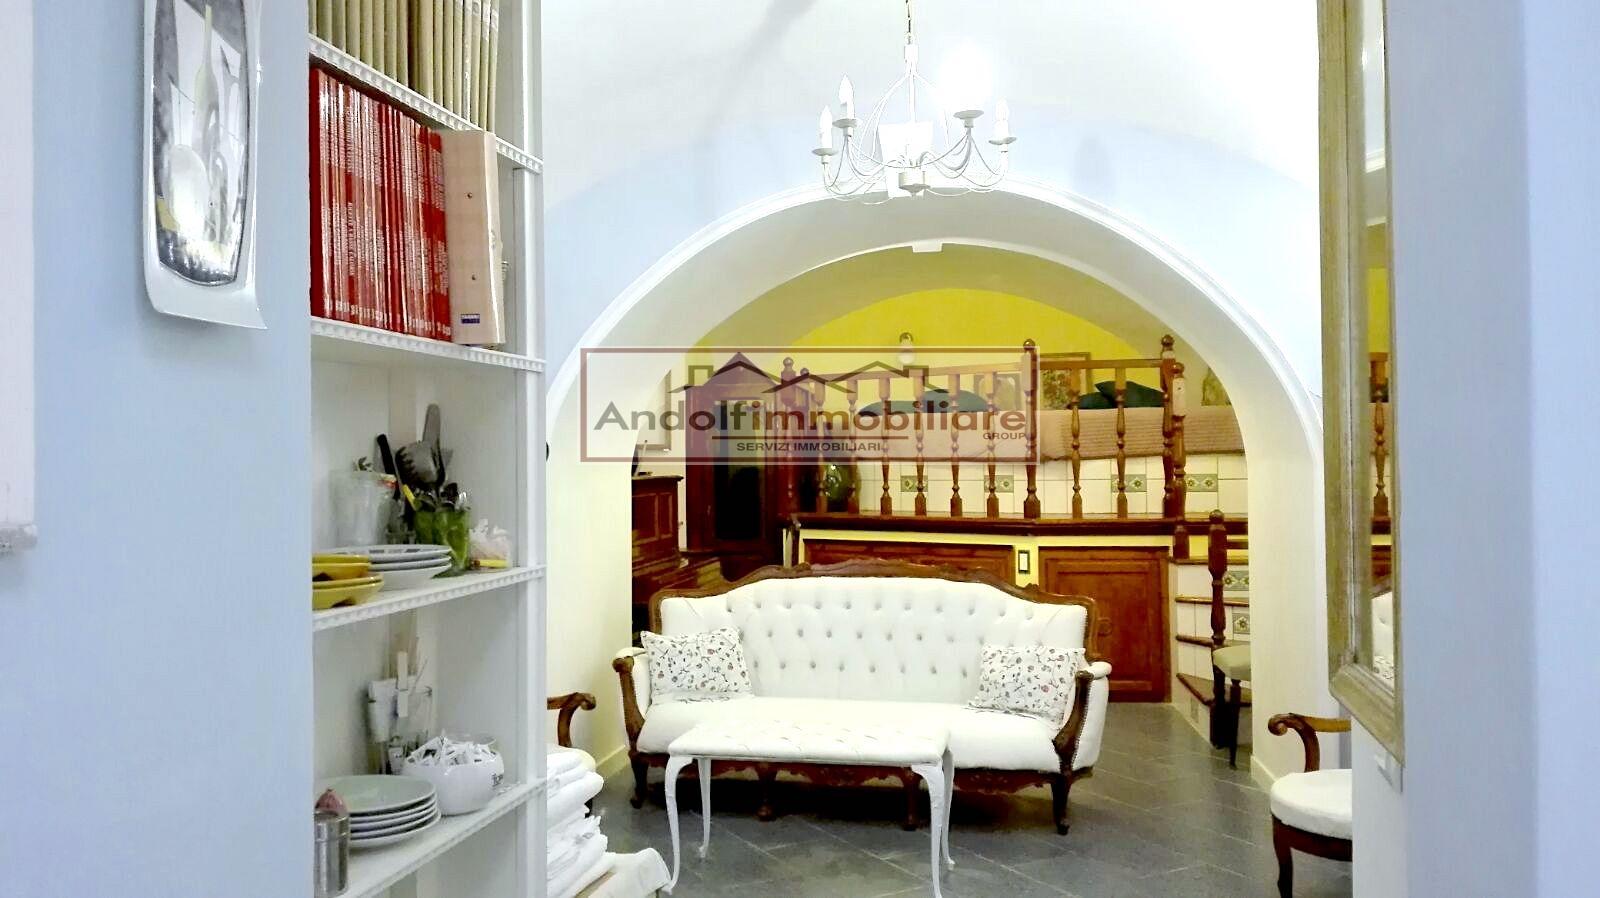 Appartamento in vendita a Gaeta, 5 locali, prezzo € 420.000 | CambioCasa.it